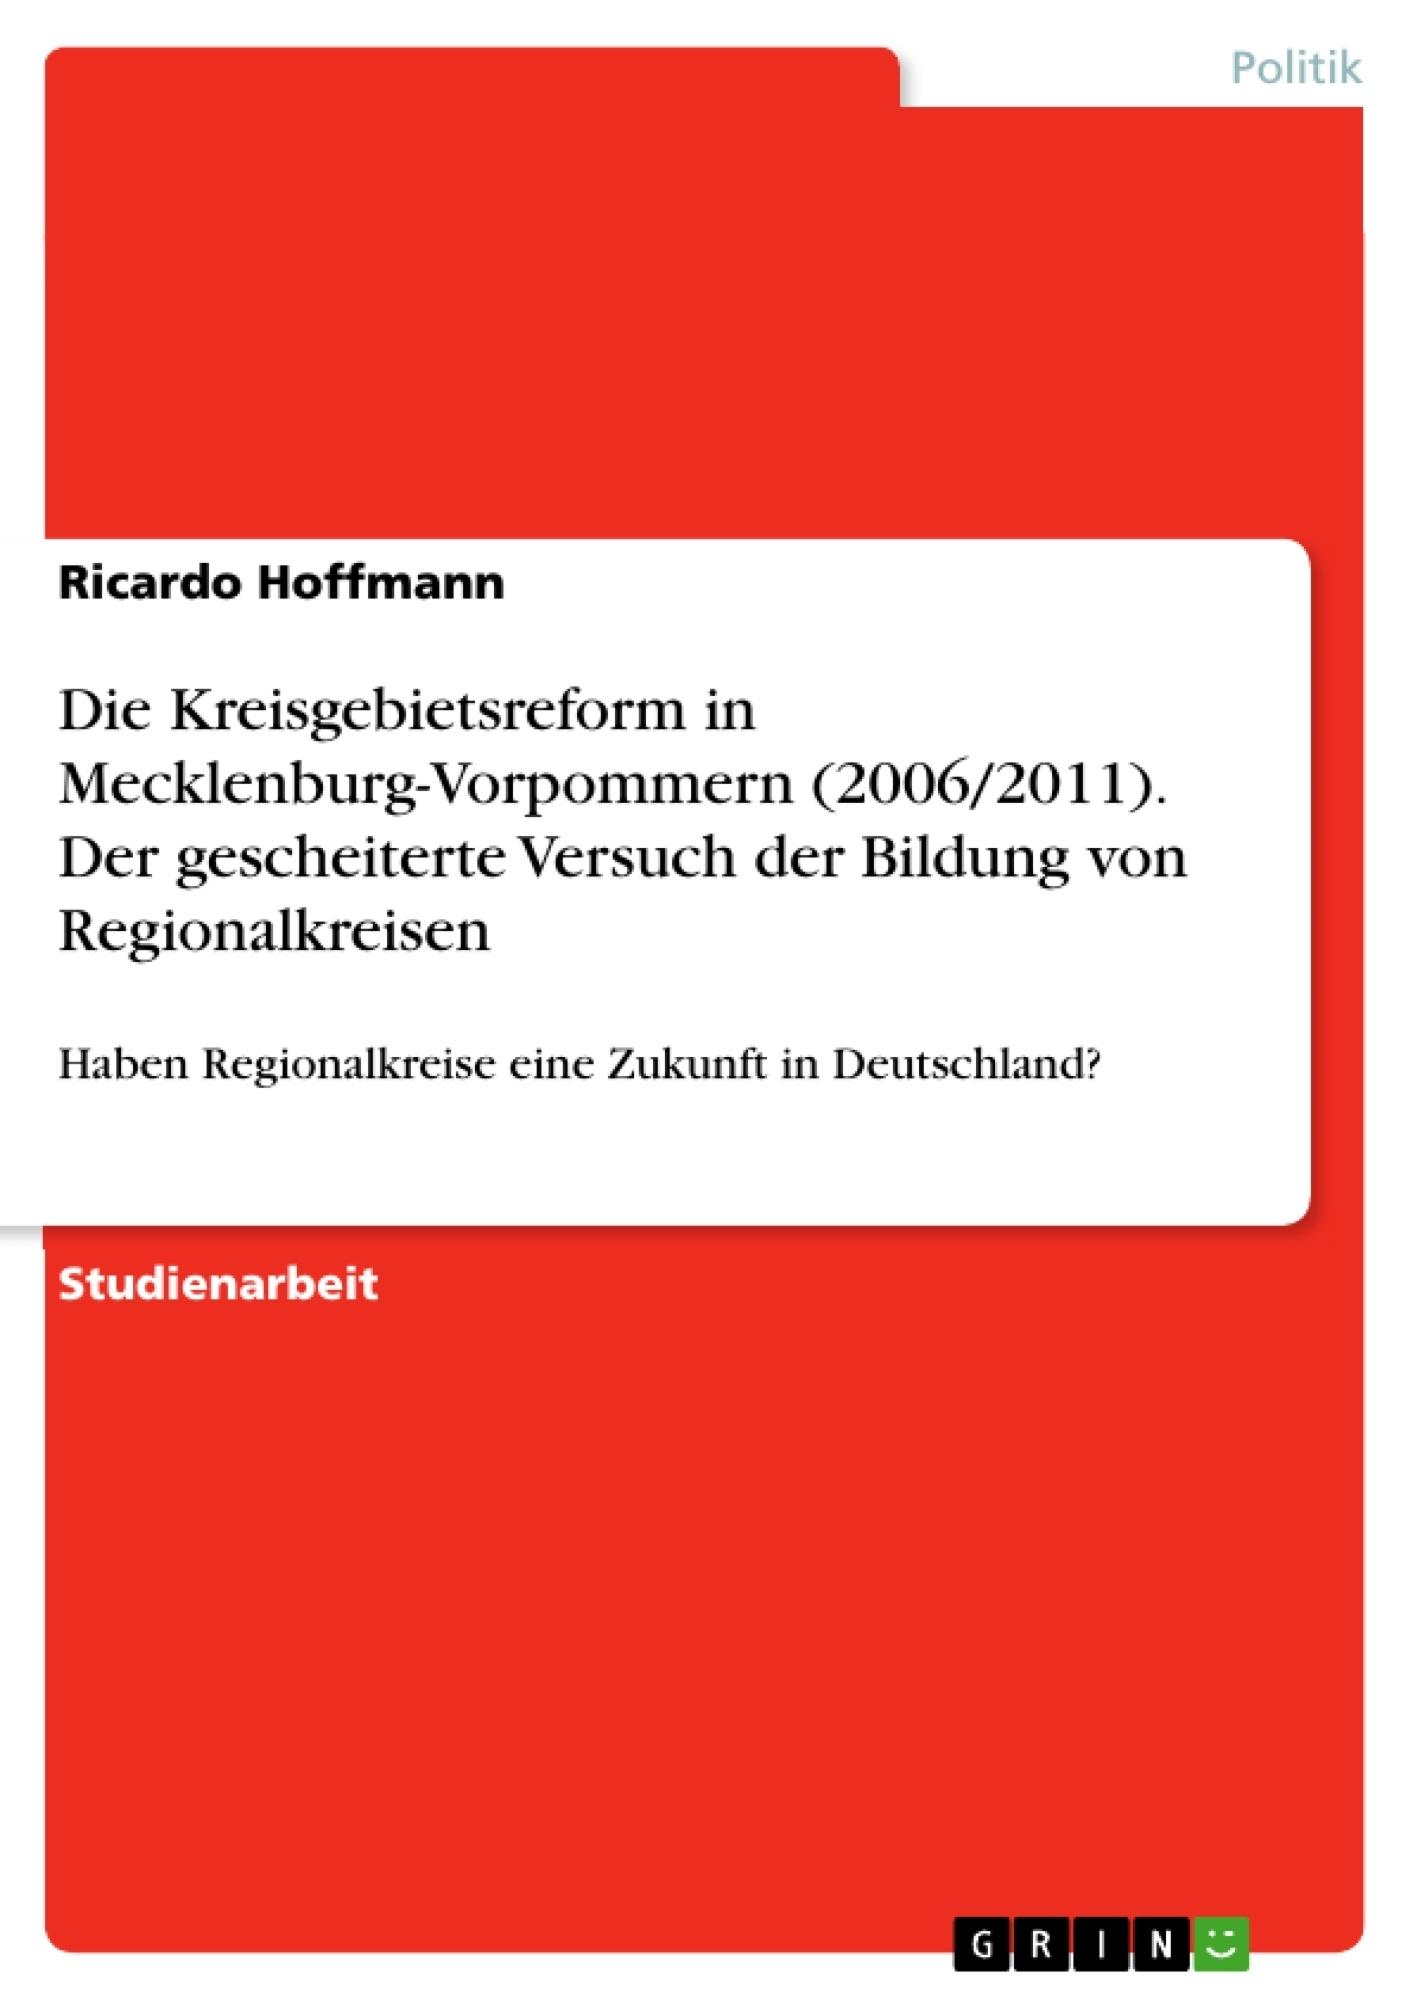 Titel: Die Kreisgebietsreform in Mecklenburg-Vorpommern (2006/2011). Der gescheiterte Versuch der Bildung von Regionalkreisen